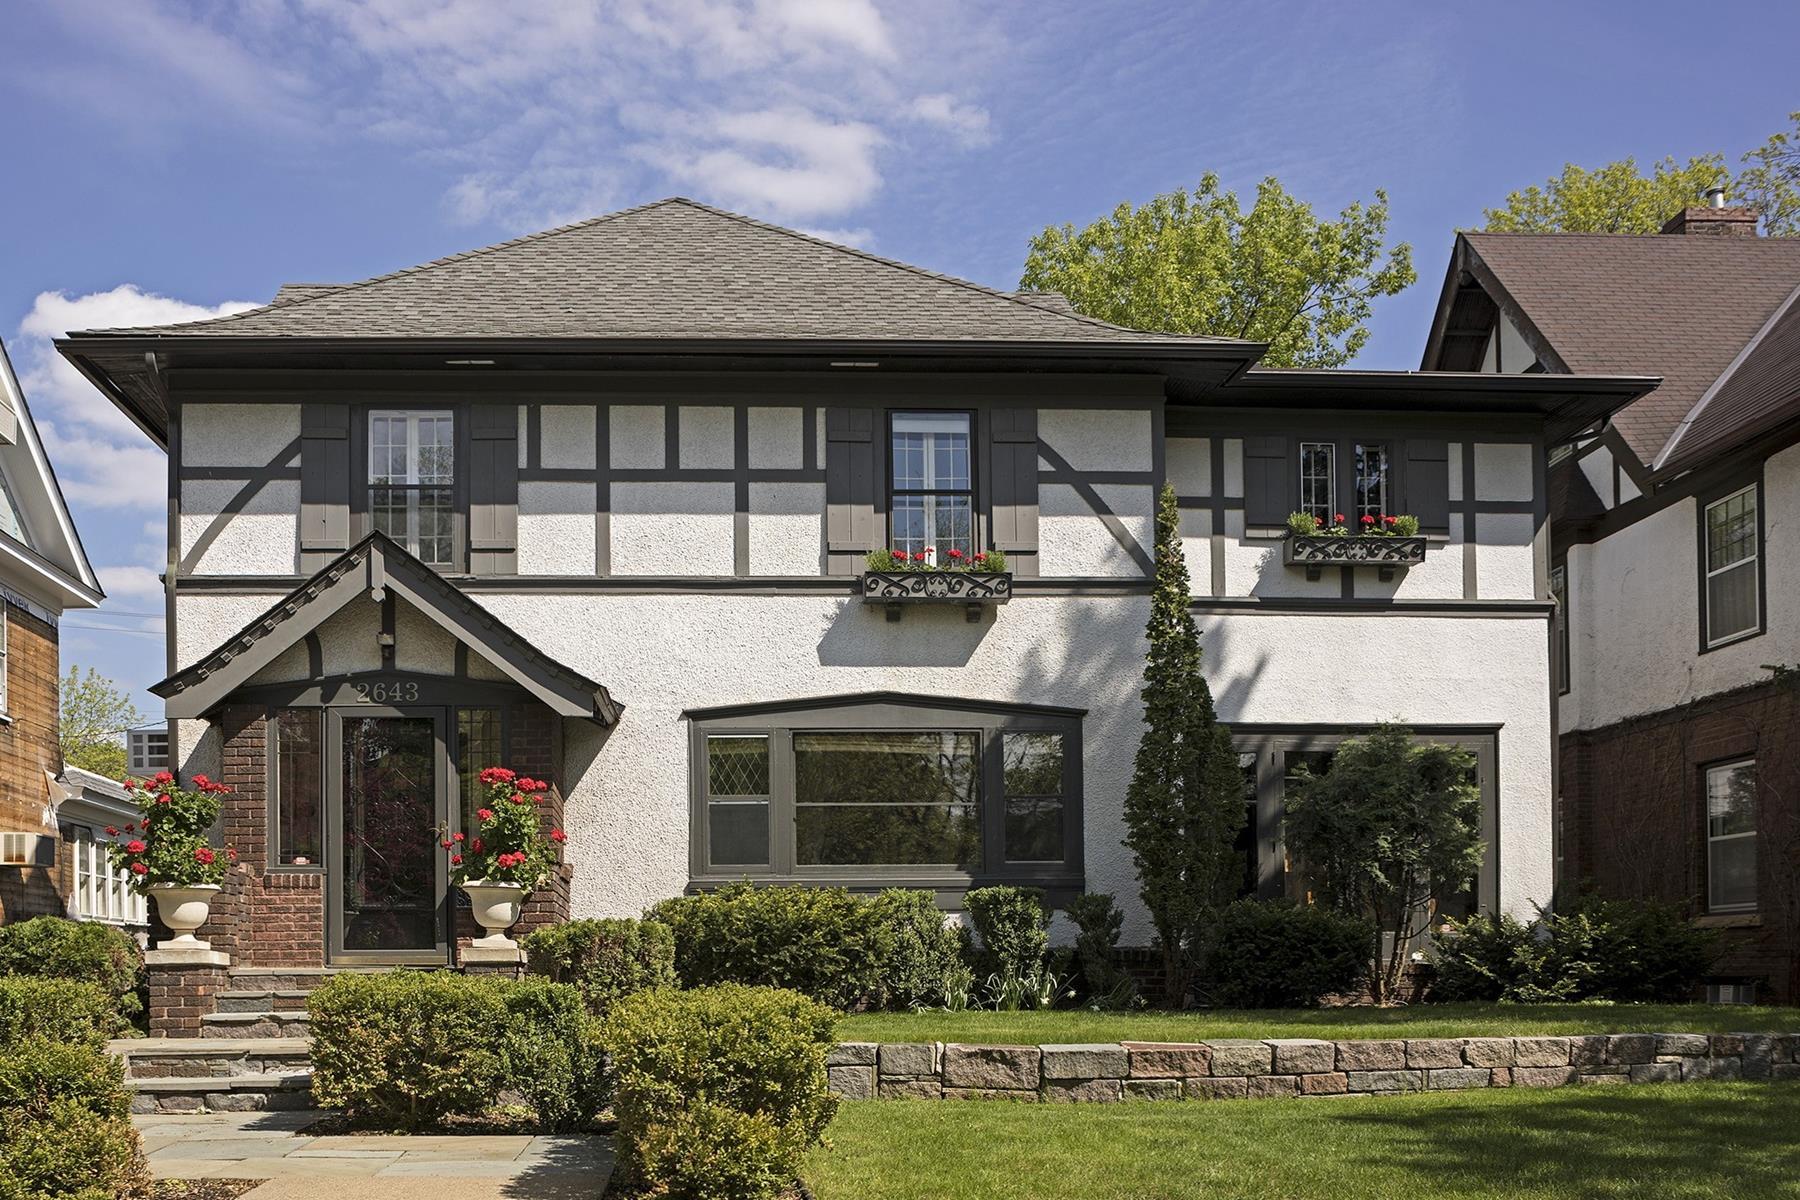 独户住宅 为 销售 在 2643 Irving Avenue S East Isles, 明尼阿波利斯市, 明尼苏达州, 55408 美国